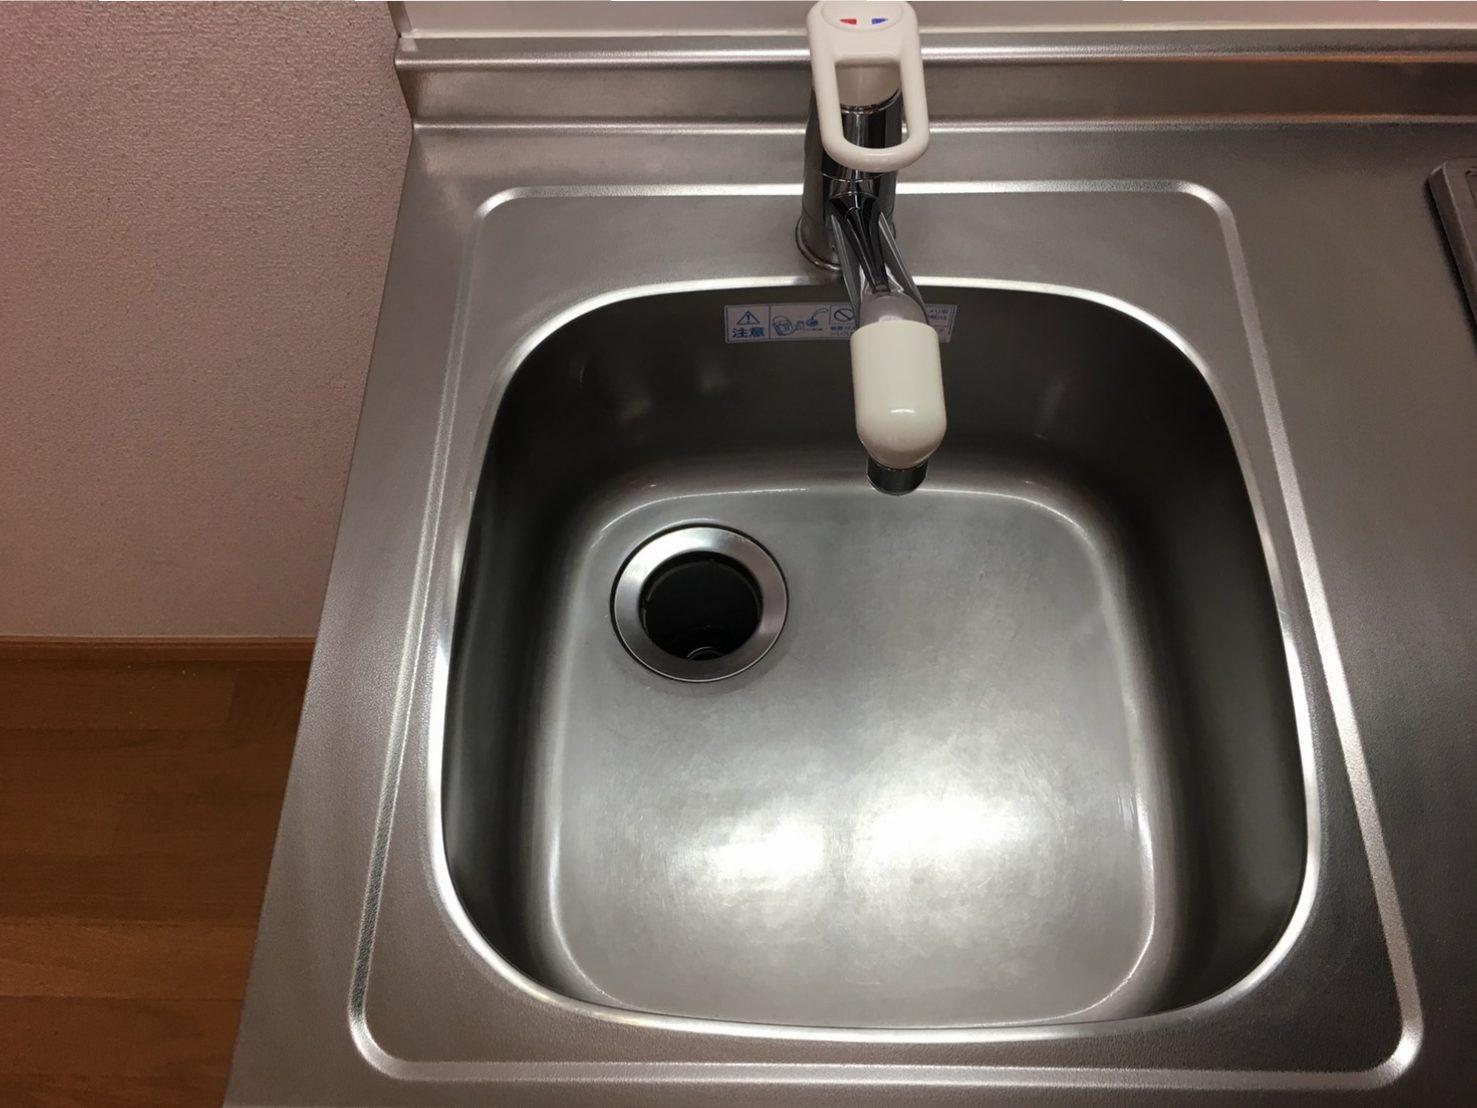 キッチン・シンク清掃のお手入れ、おそうじプラスにお任せください!伊丹・川西・宝塚市内の地域より、お客様のご要望に応じた清掃箇所、汚れの状況を確認いたします。